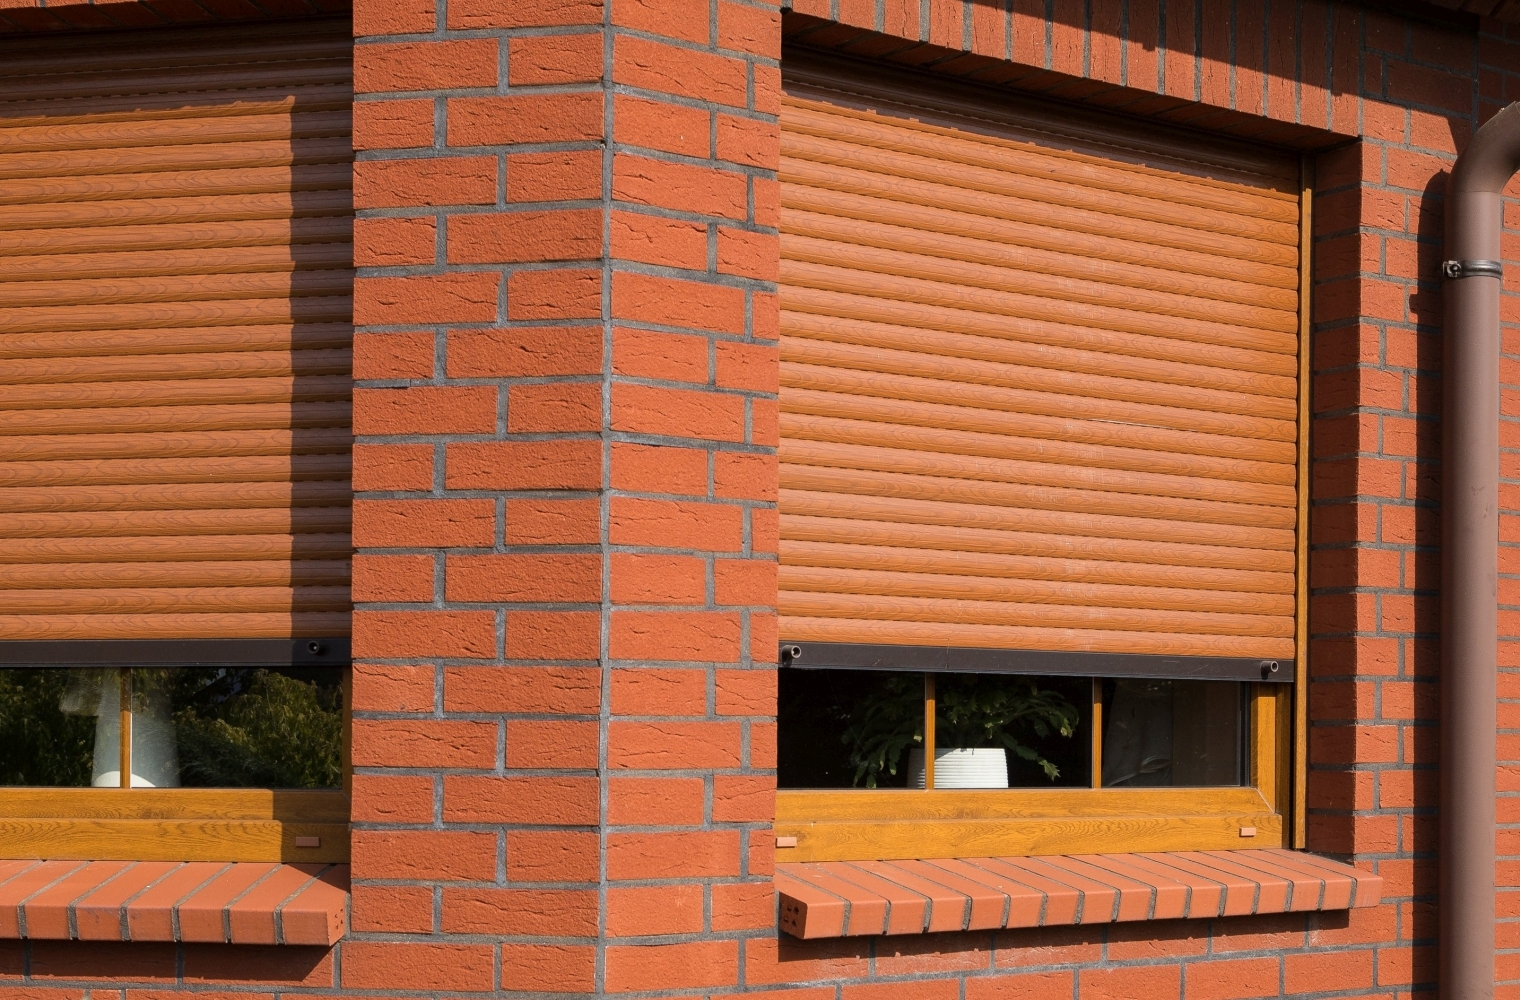 Full Size of Fenster Mit Elektrischen Rolladen Kosten Bauhaus Kaufen Einbau Preise Rolladenkasten Elektrisch Rollo Integriert Einbauen Und Dreifachverglasung Holzfenster Fenster Fenster Mit Rolladen